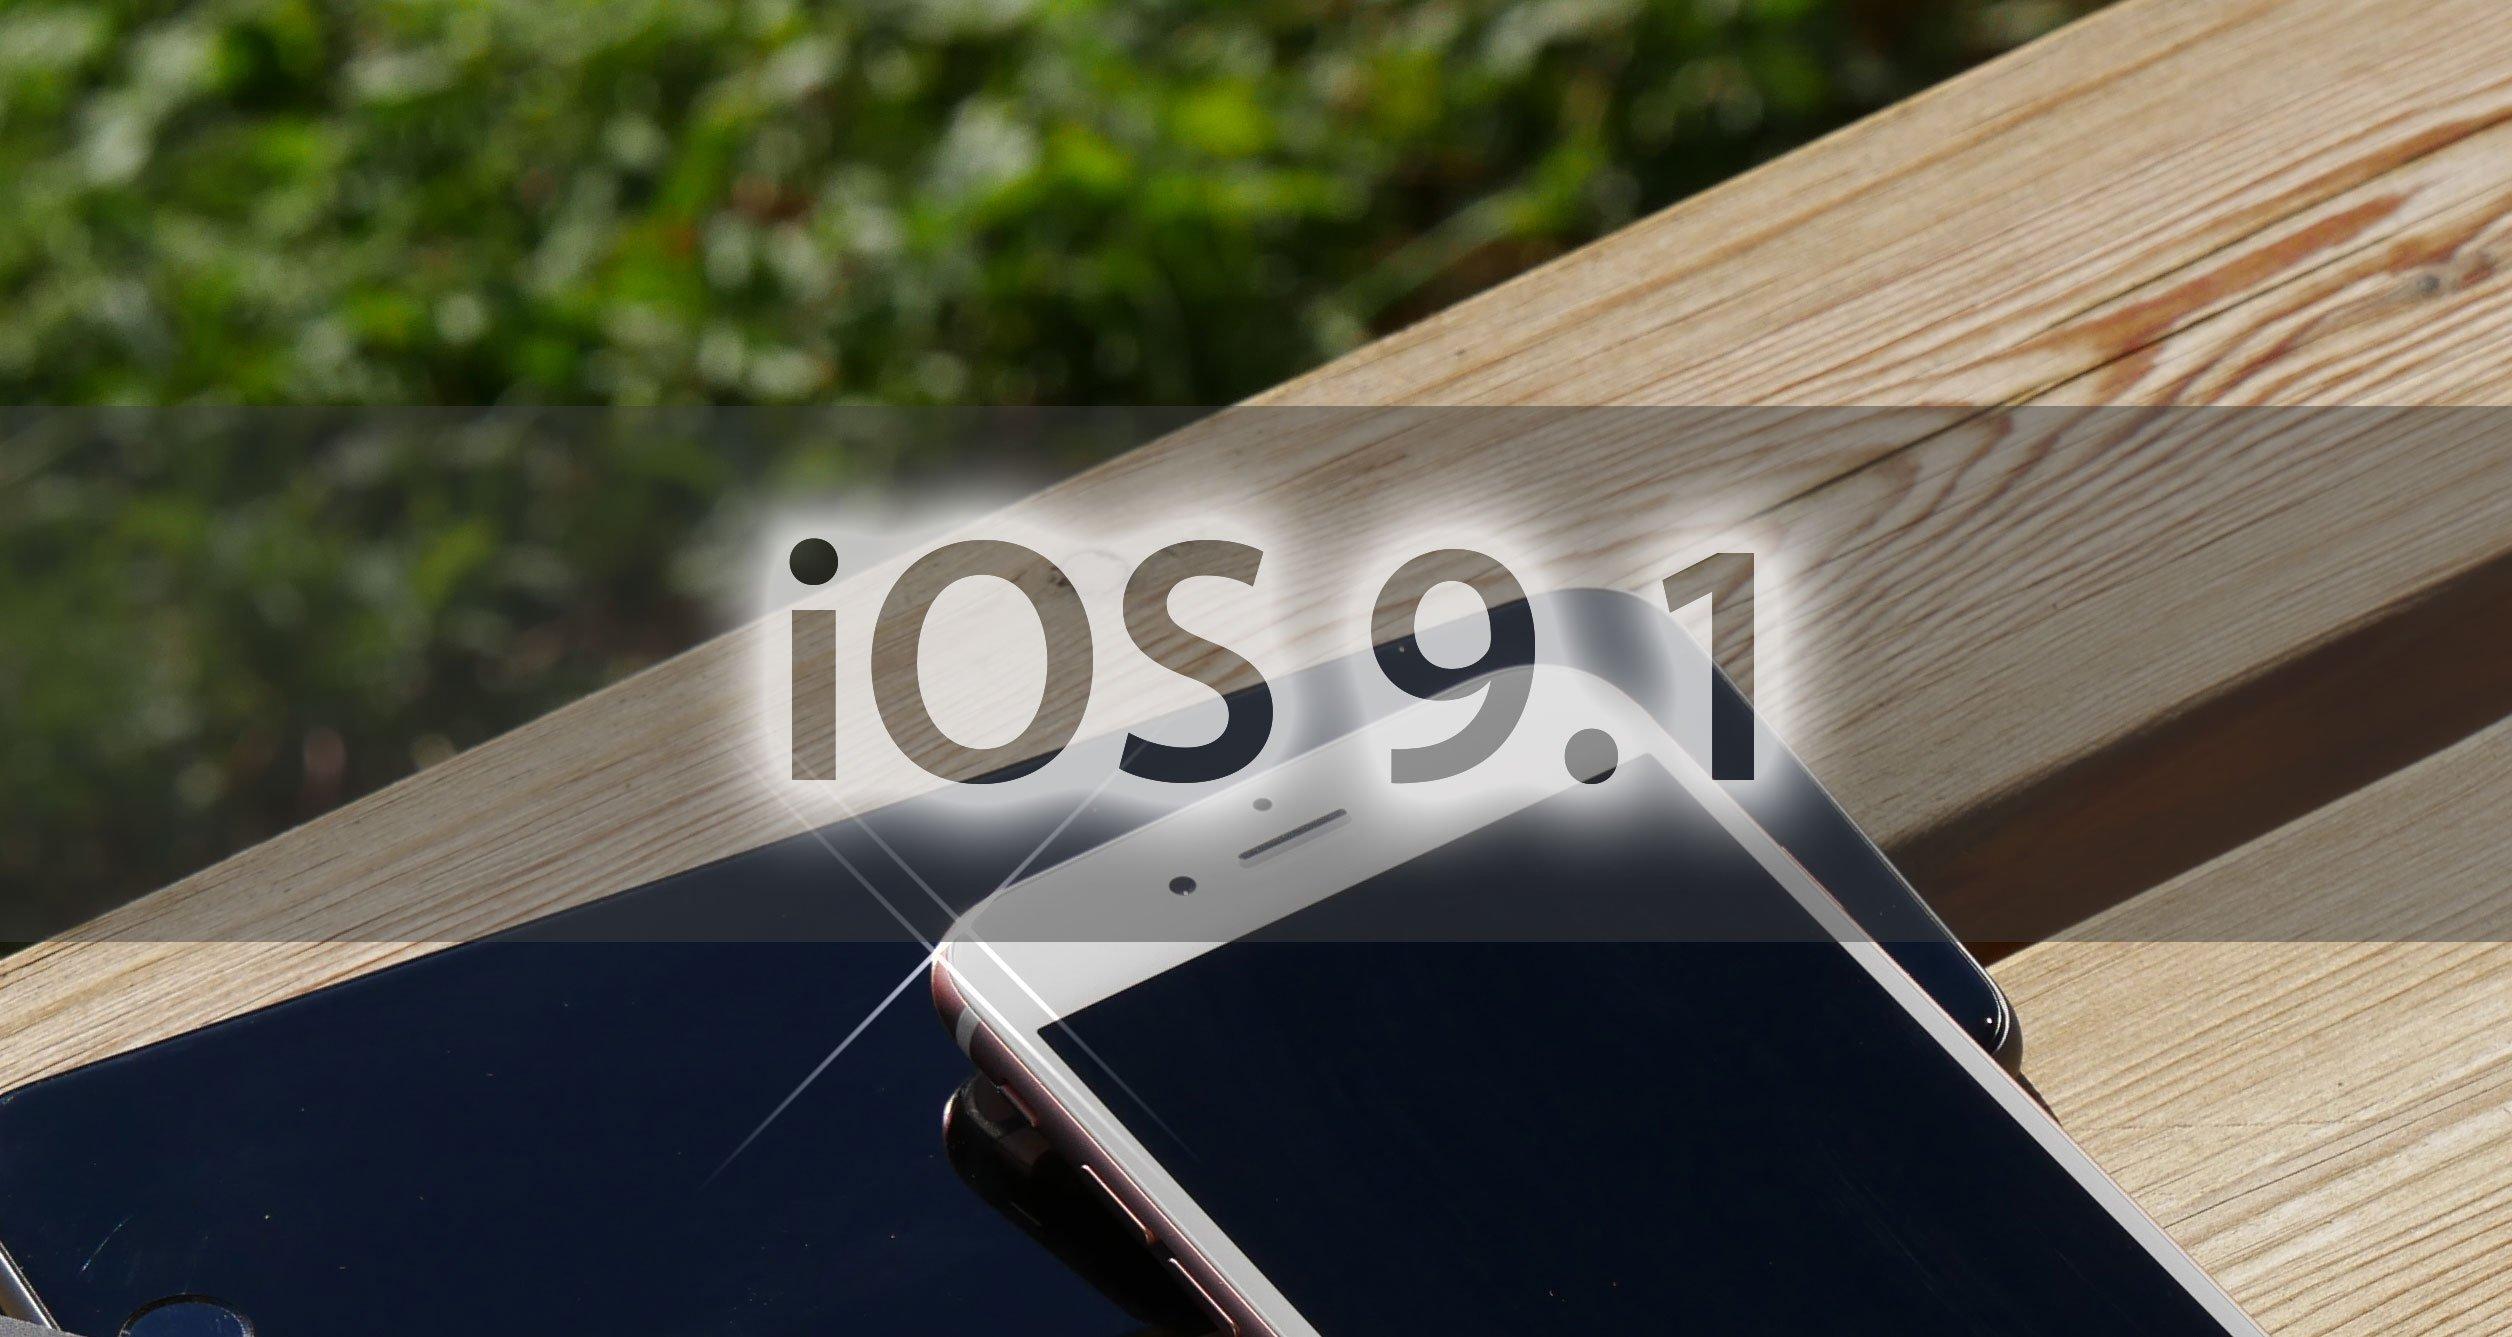 iOS 9.1 Update: iOS 9.1 Beta 5 und Public Beta 5 verfügbar 5